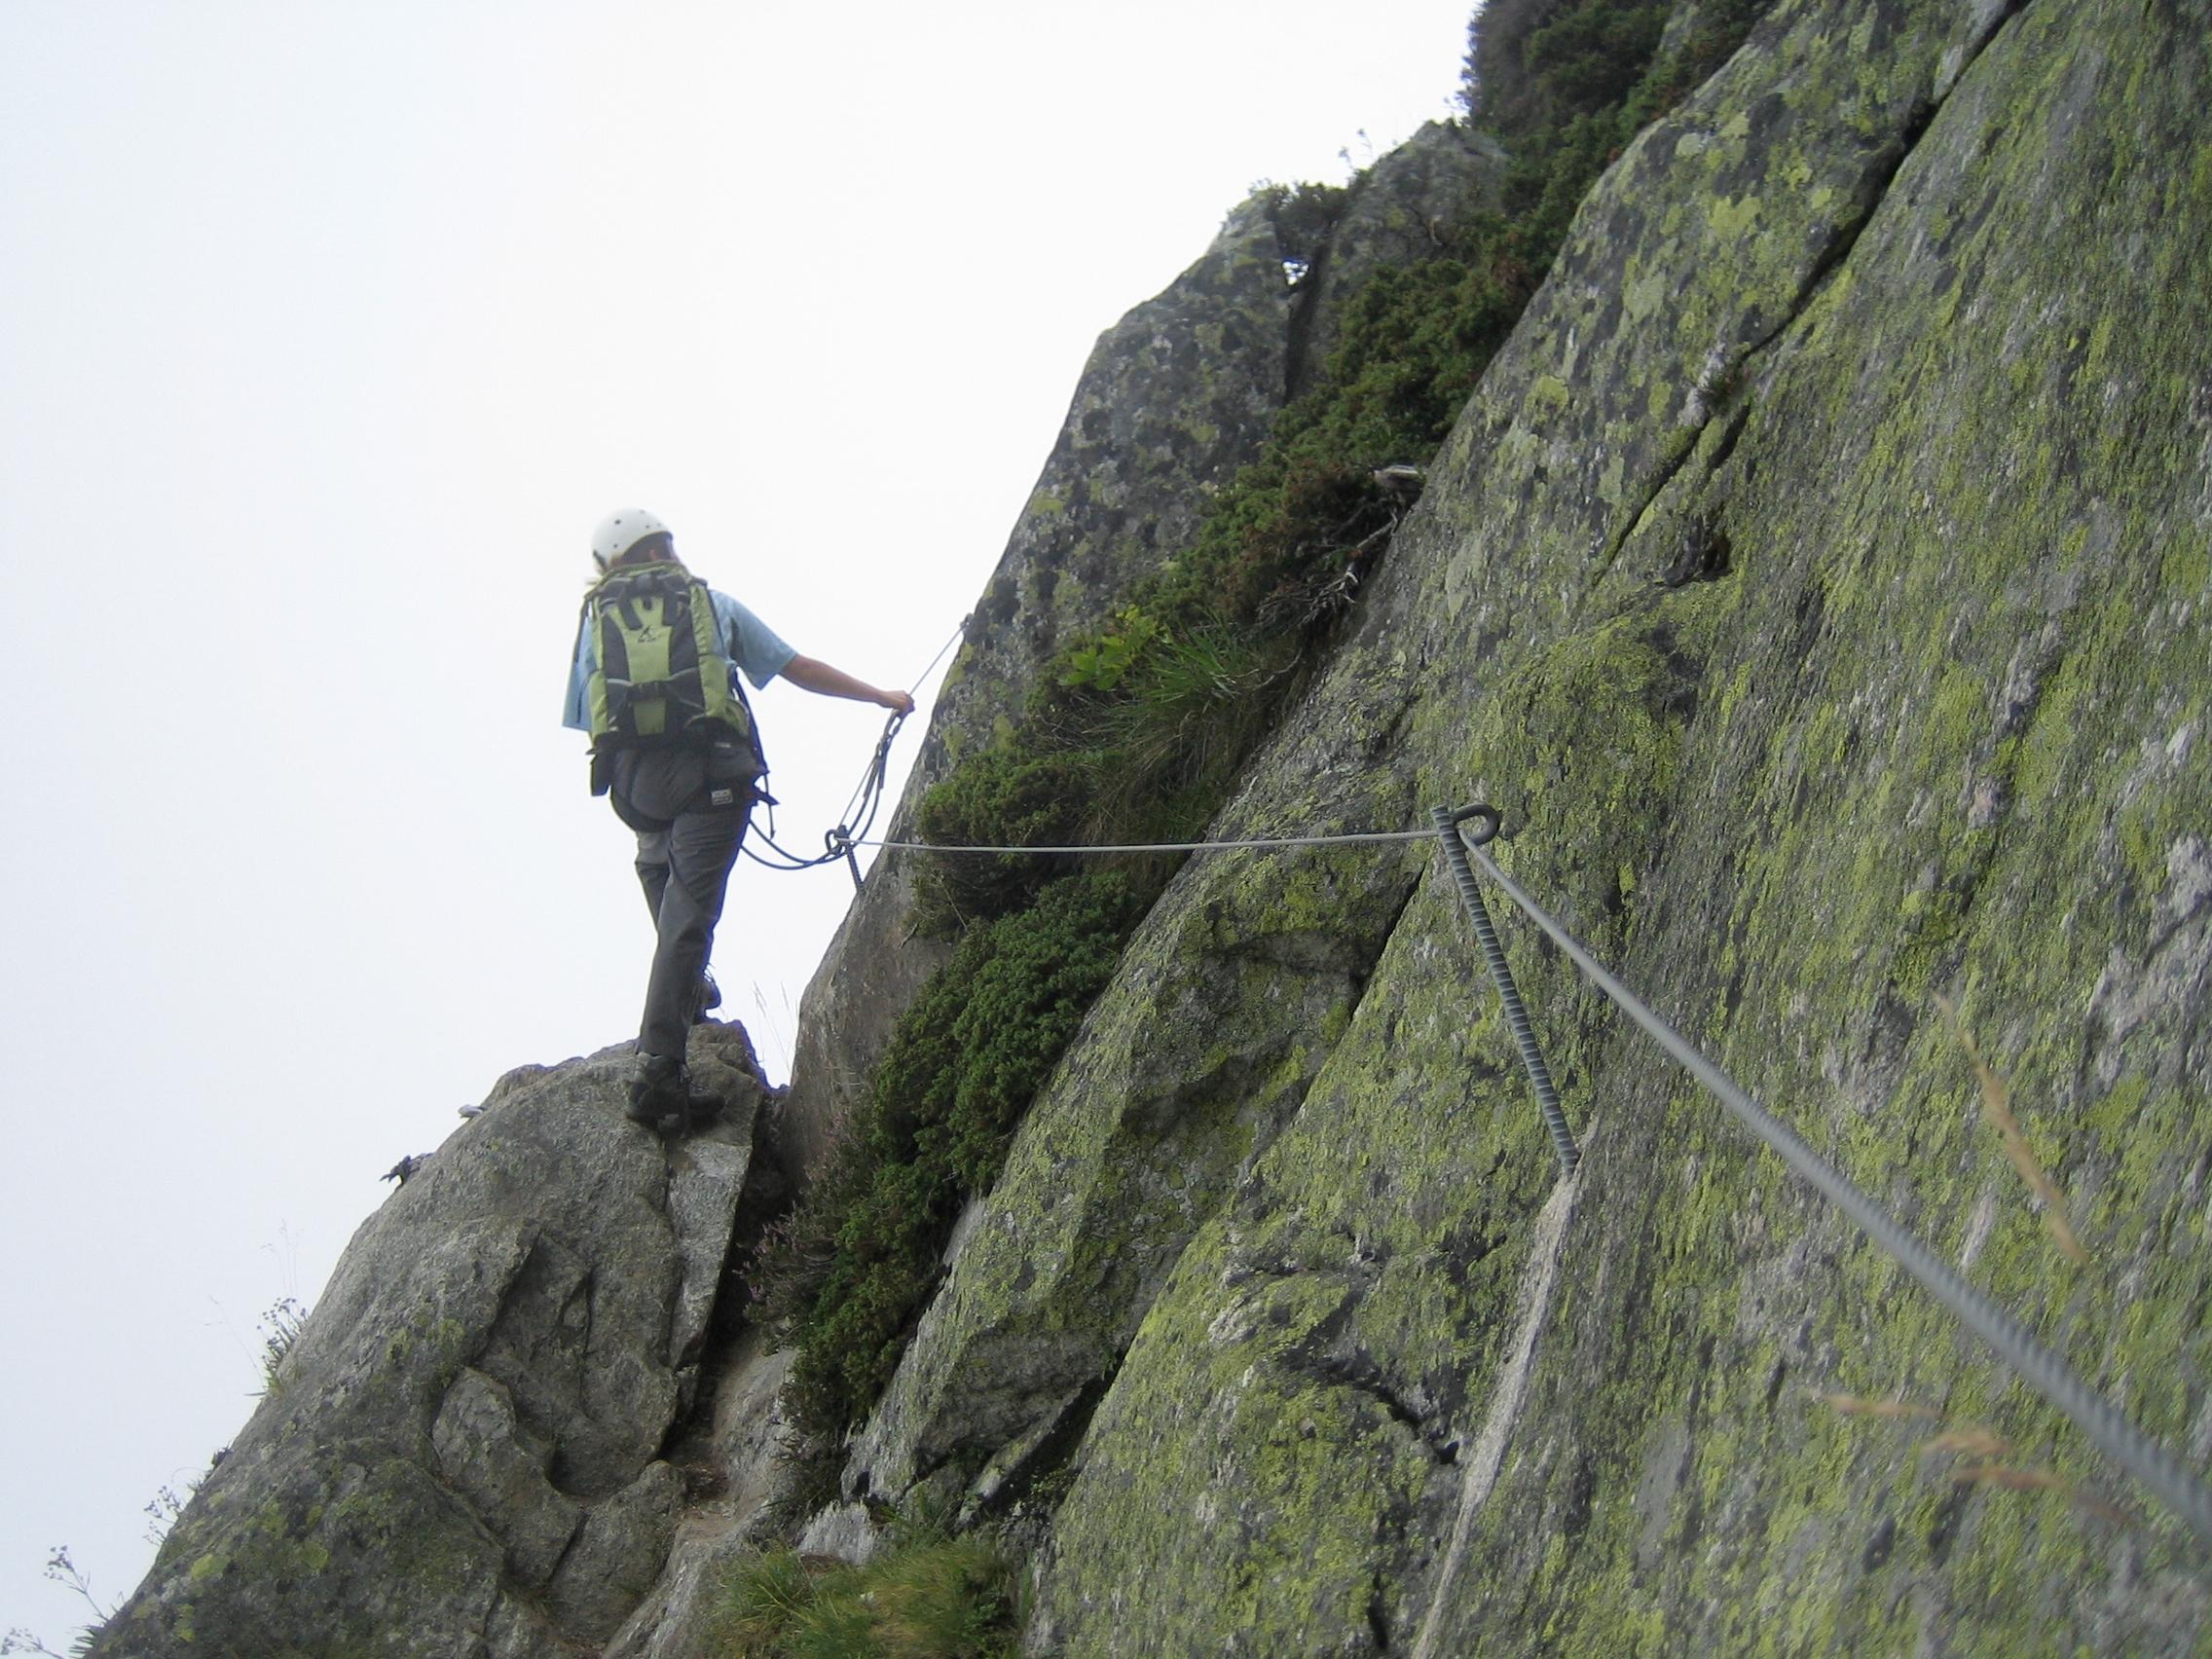 Klettersteig Andermatt : Diavolo klettersteig am granitfelsen der schöllenen schweiz